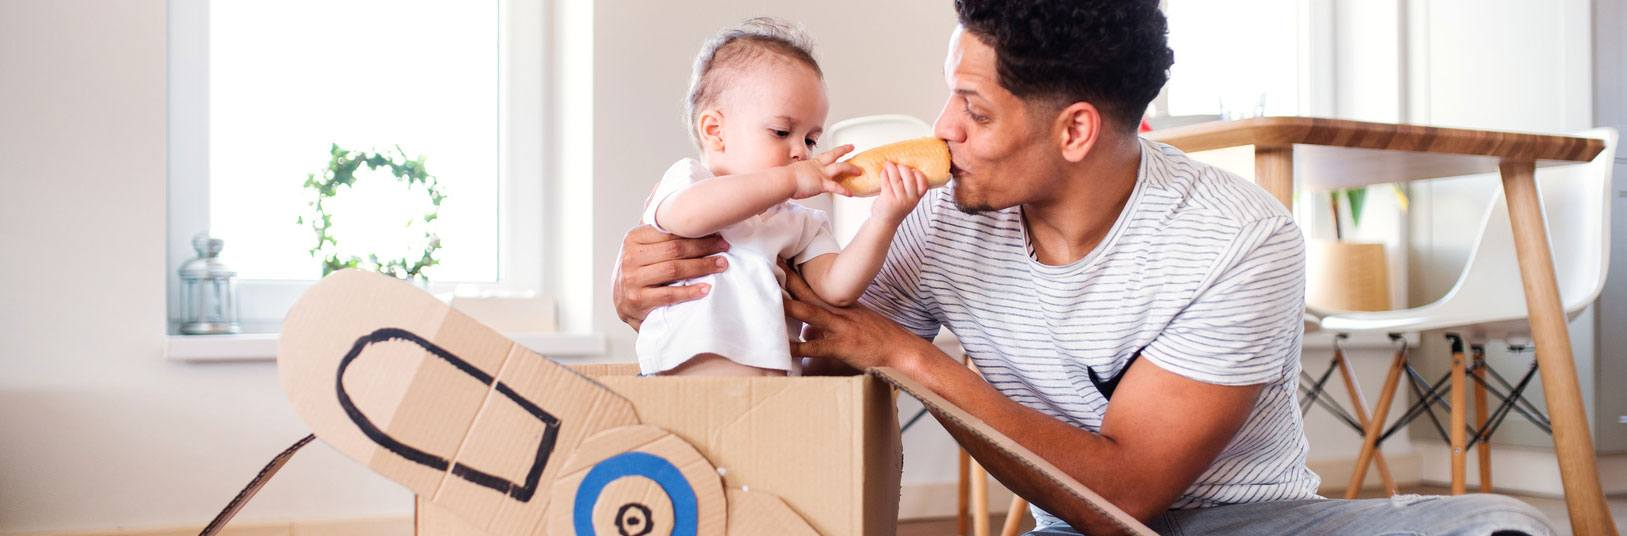 Pädagogisch wertvoll ist, was das Kind mag